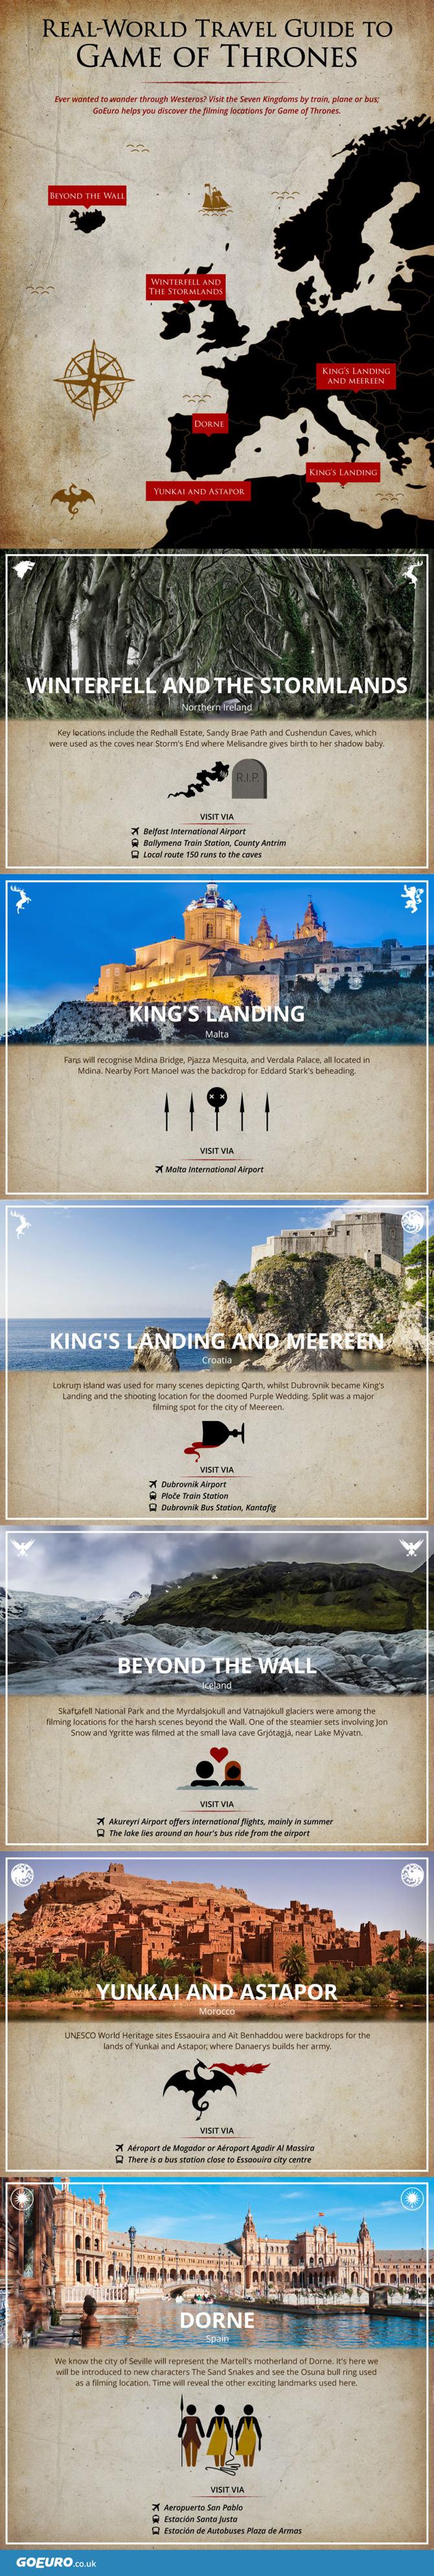 Gra o tron serial, turystyka filmowa